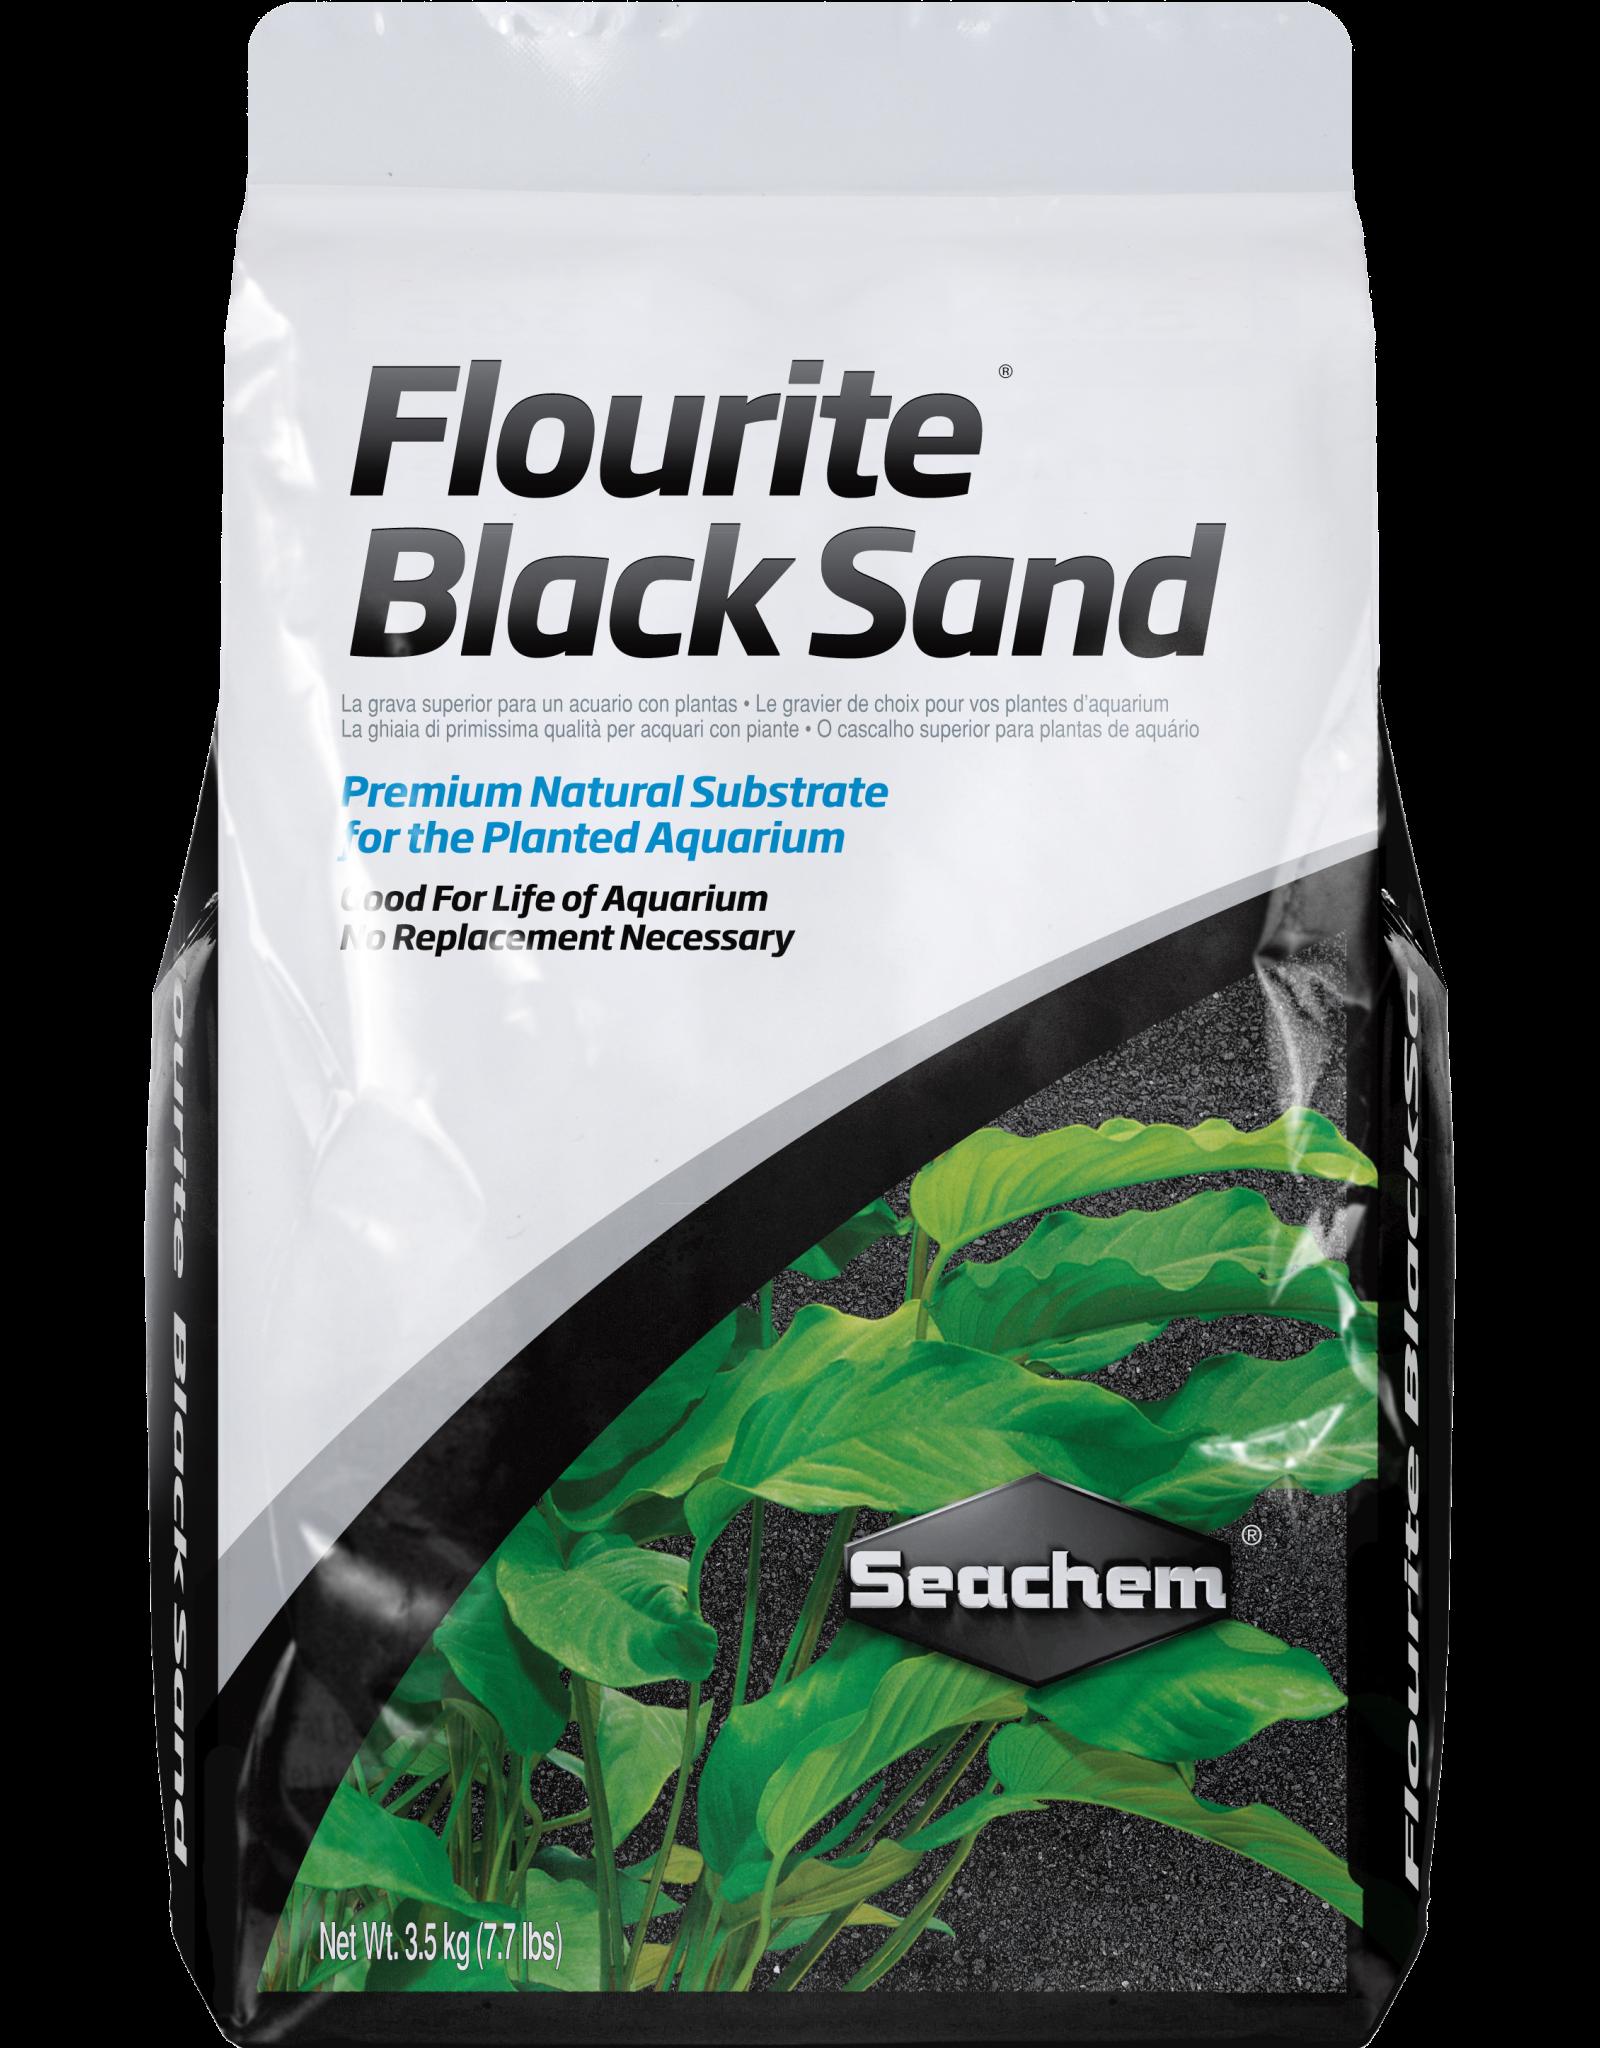 Seachem SEACHEM Flourite Black Sand